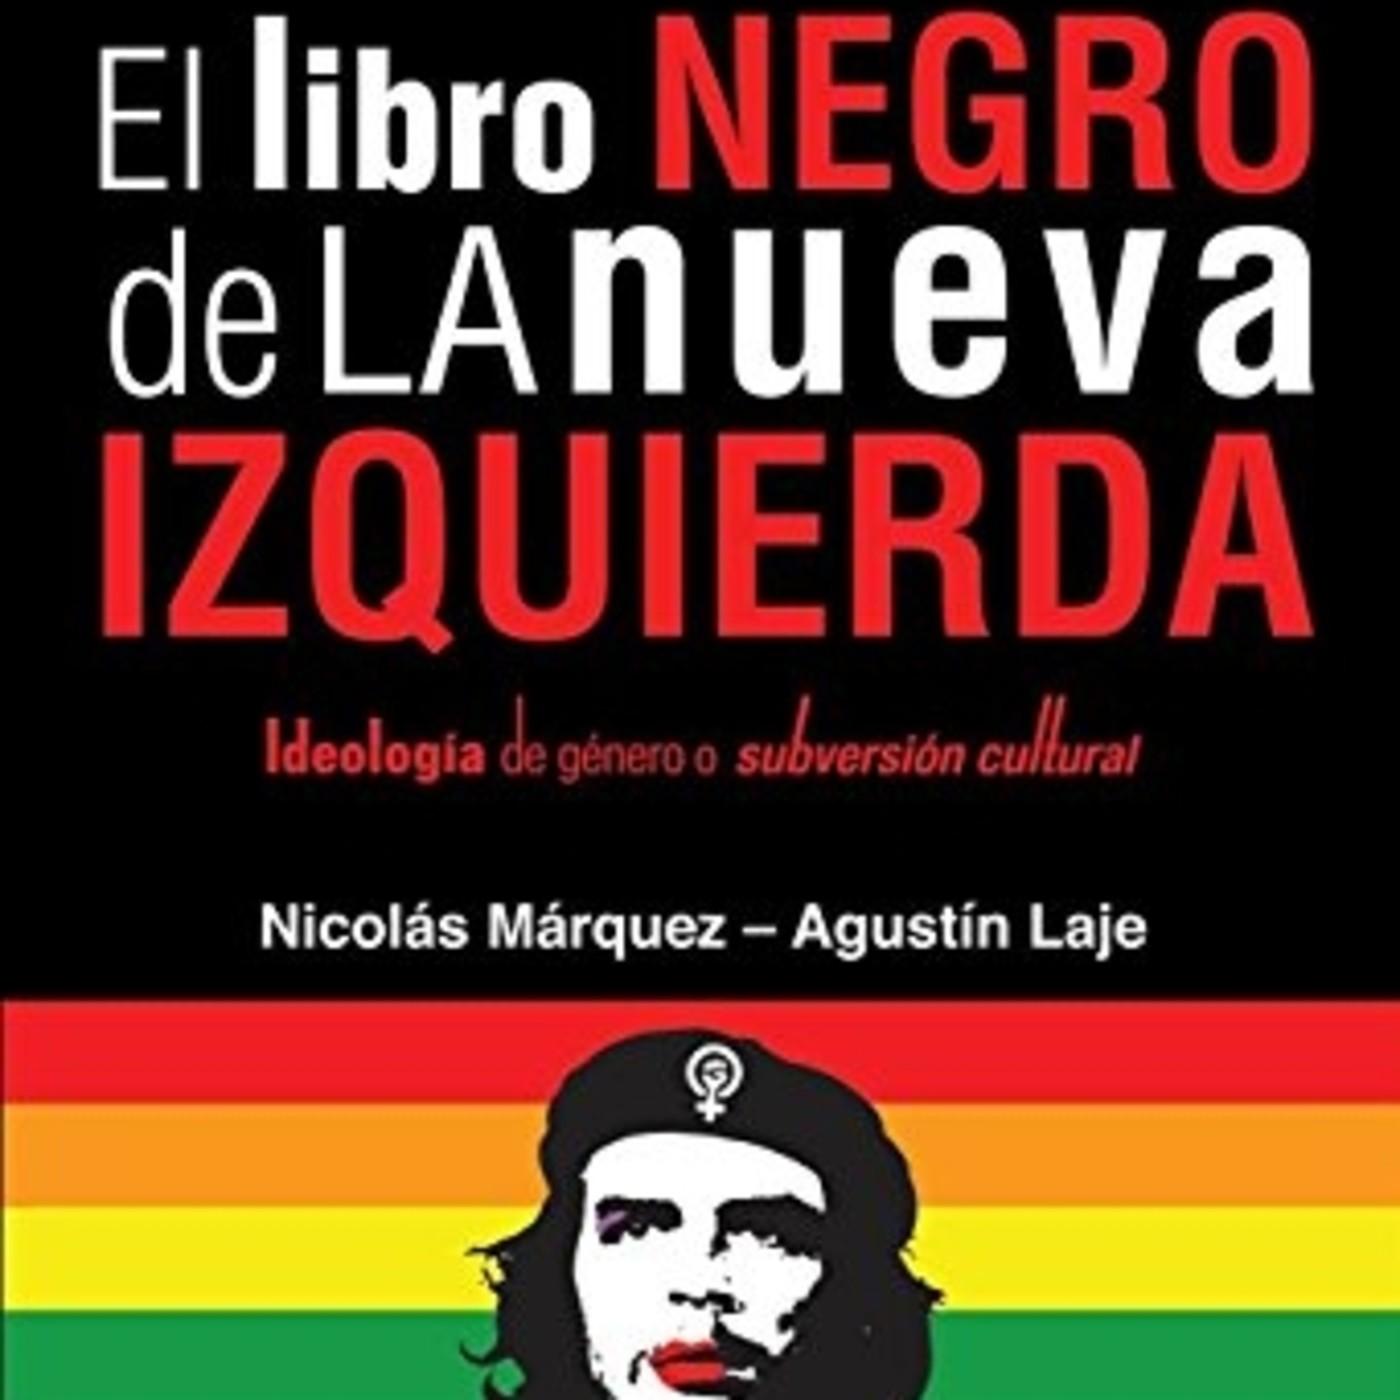 El Libro Negro de la Nueva Izquierda: Ideología de género o subversión  cultural en ¡ESTO ES ESPAÑA! NOTICIAS en mp3(20/10 a las 13:39:23) 14:35  13398681 - ...